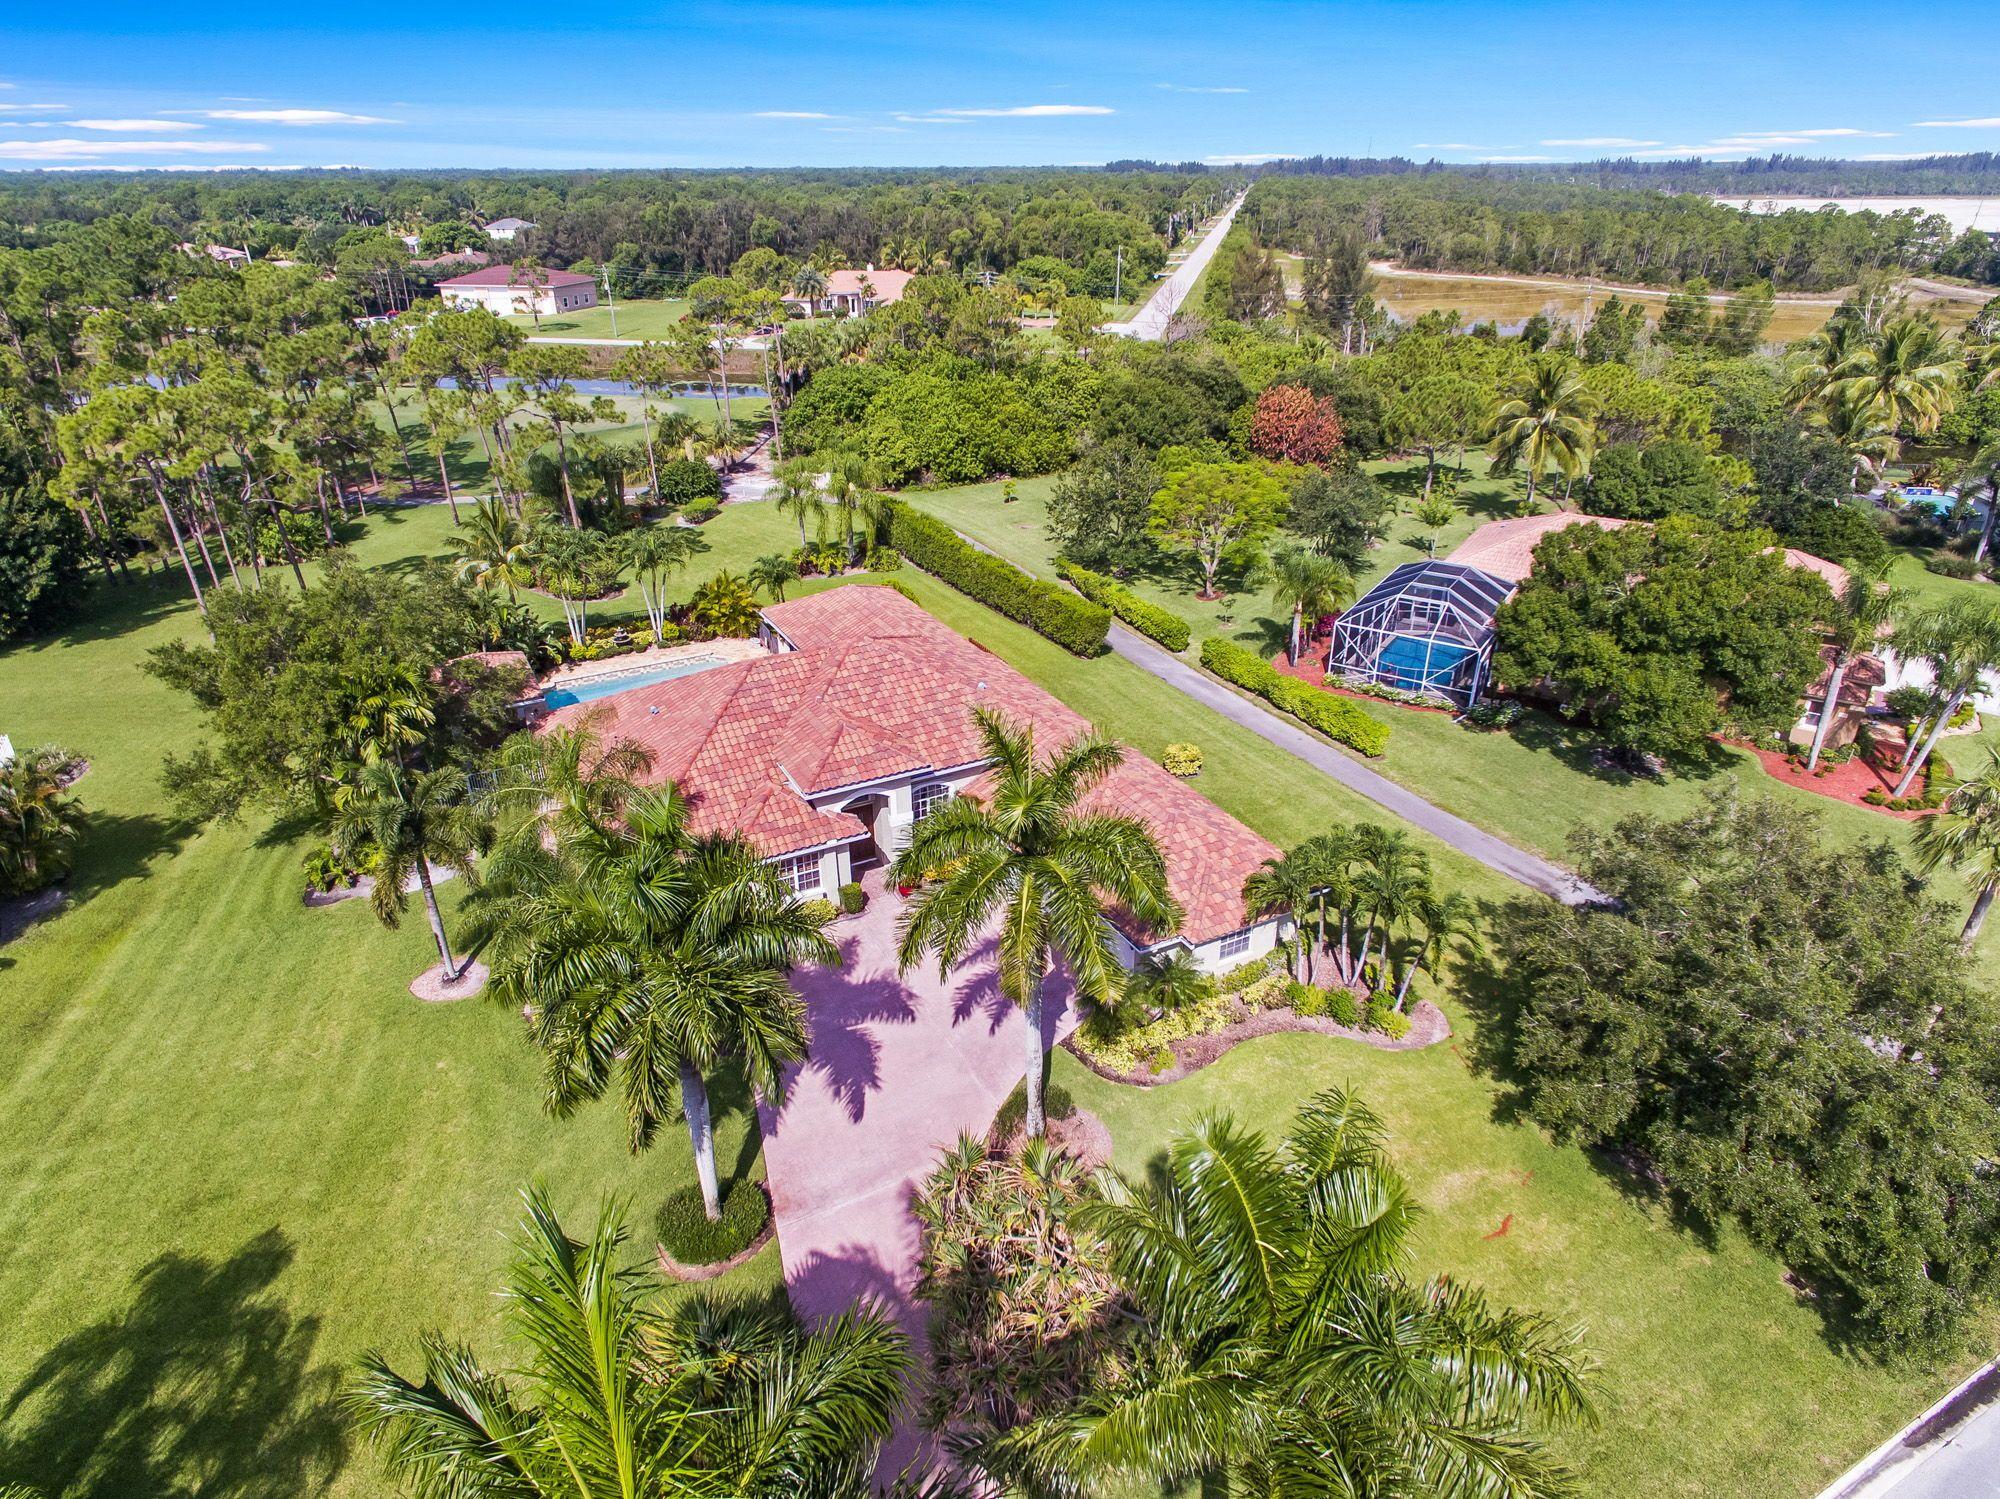 fe4558a58e6e68ee33a30f544a819bf3 - Palm Beach Gardens Average Home Price